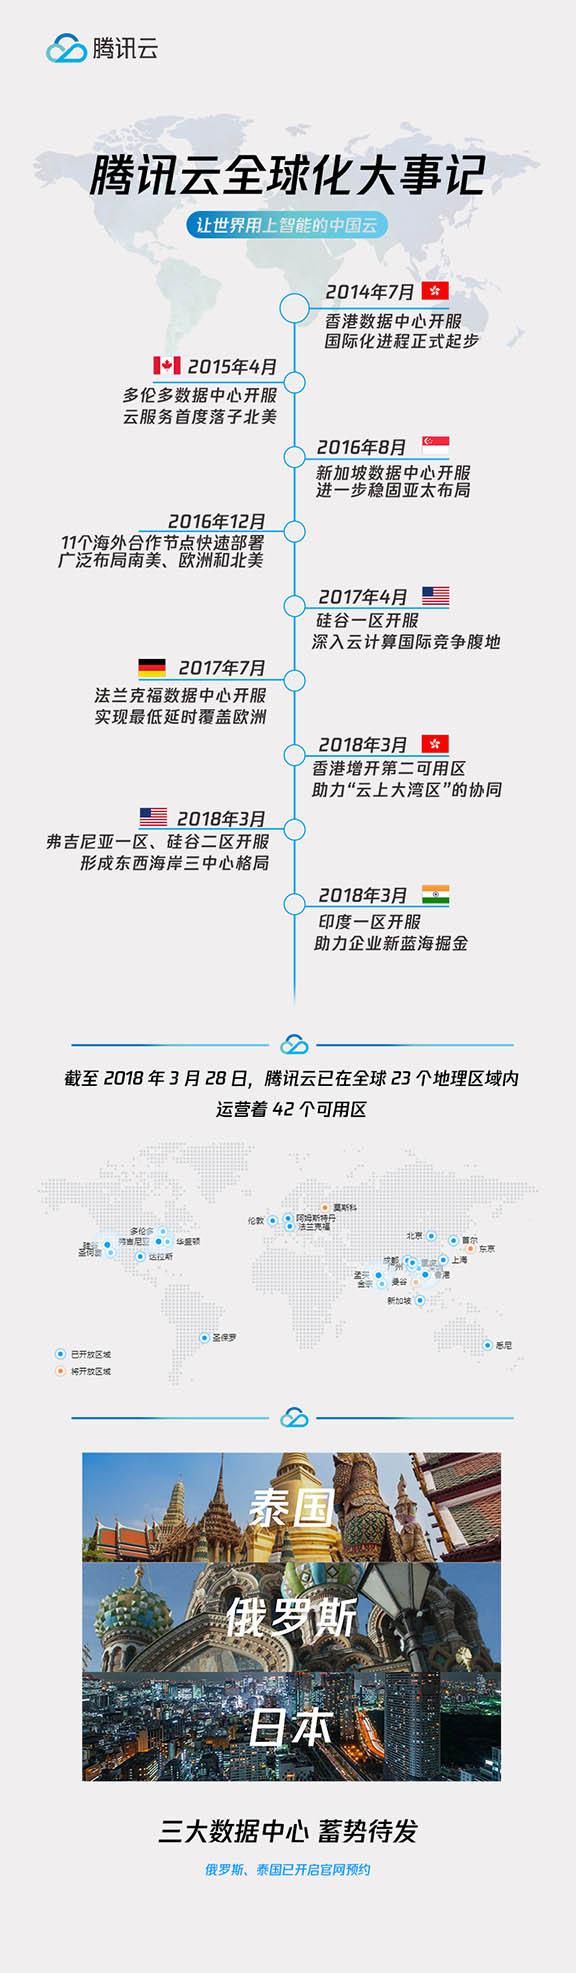 腾讯云接连开放四大国际数据中心 再拓服务范围